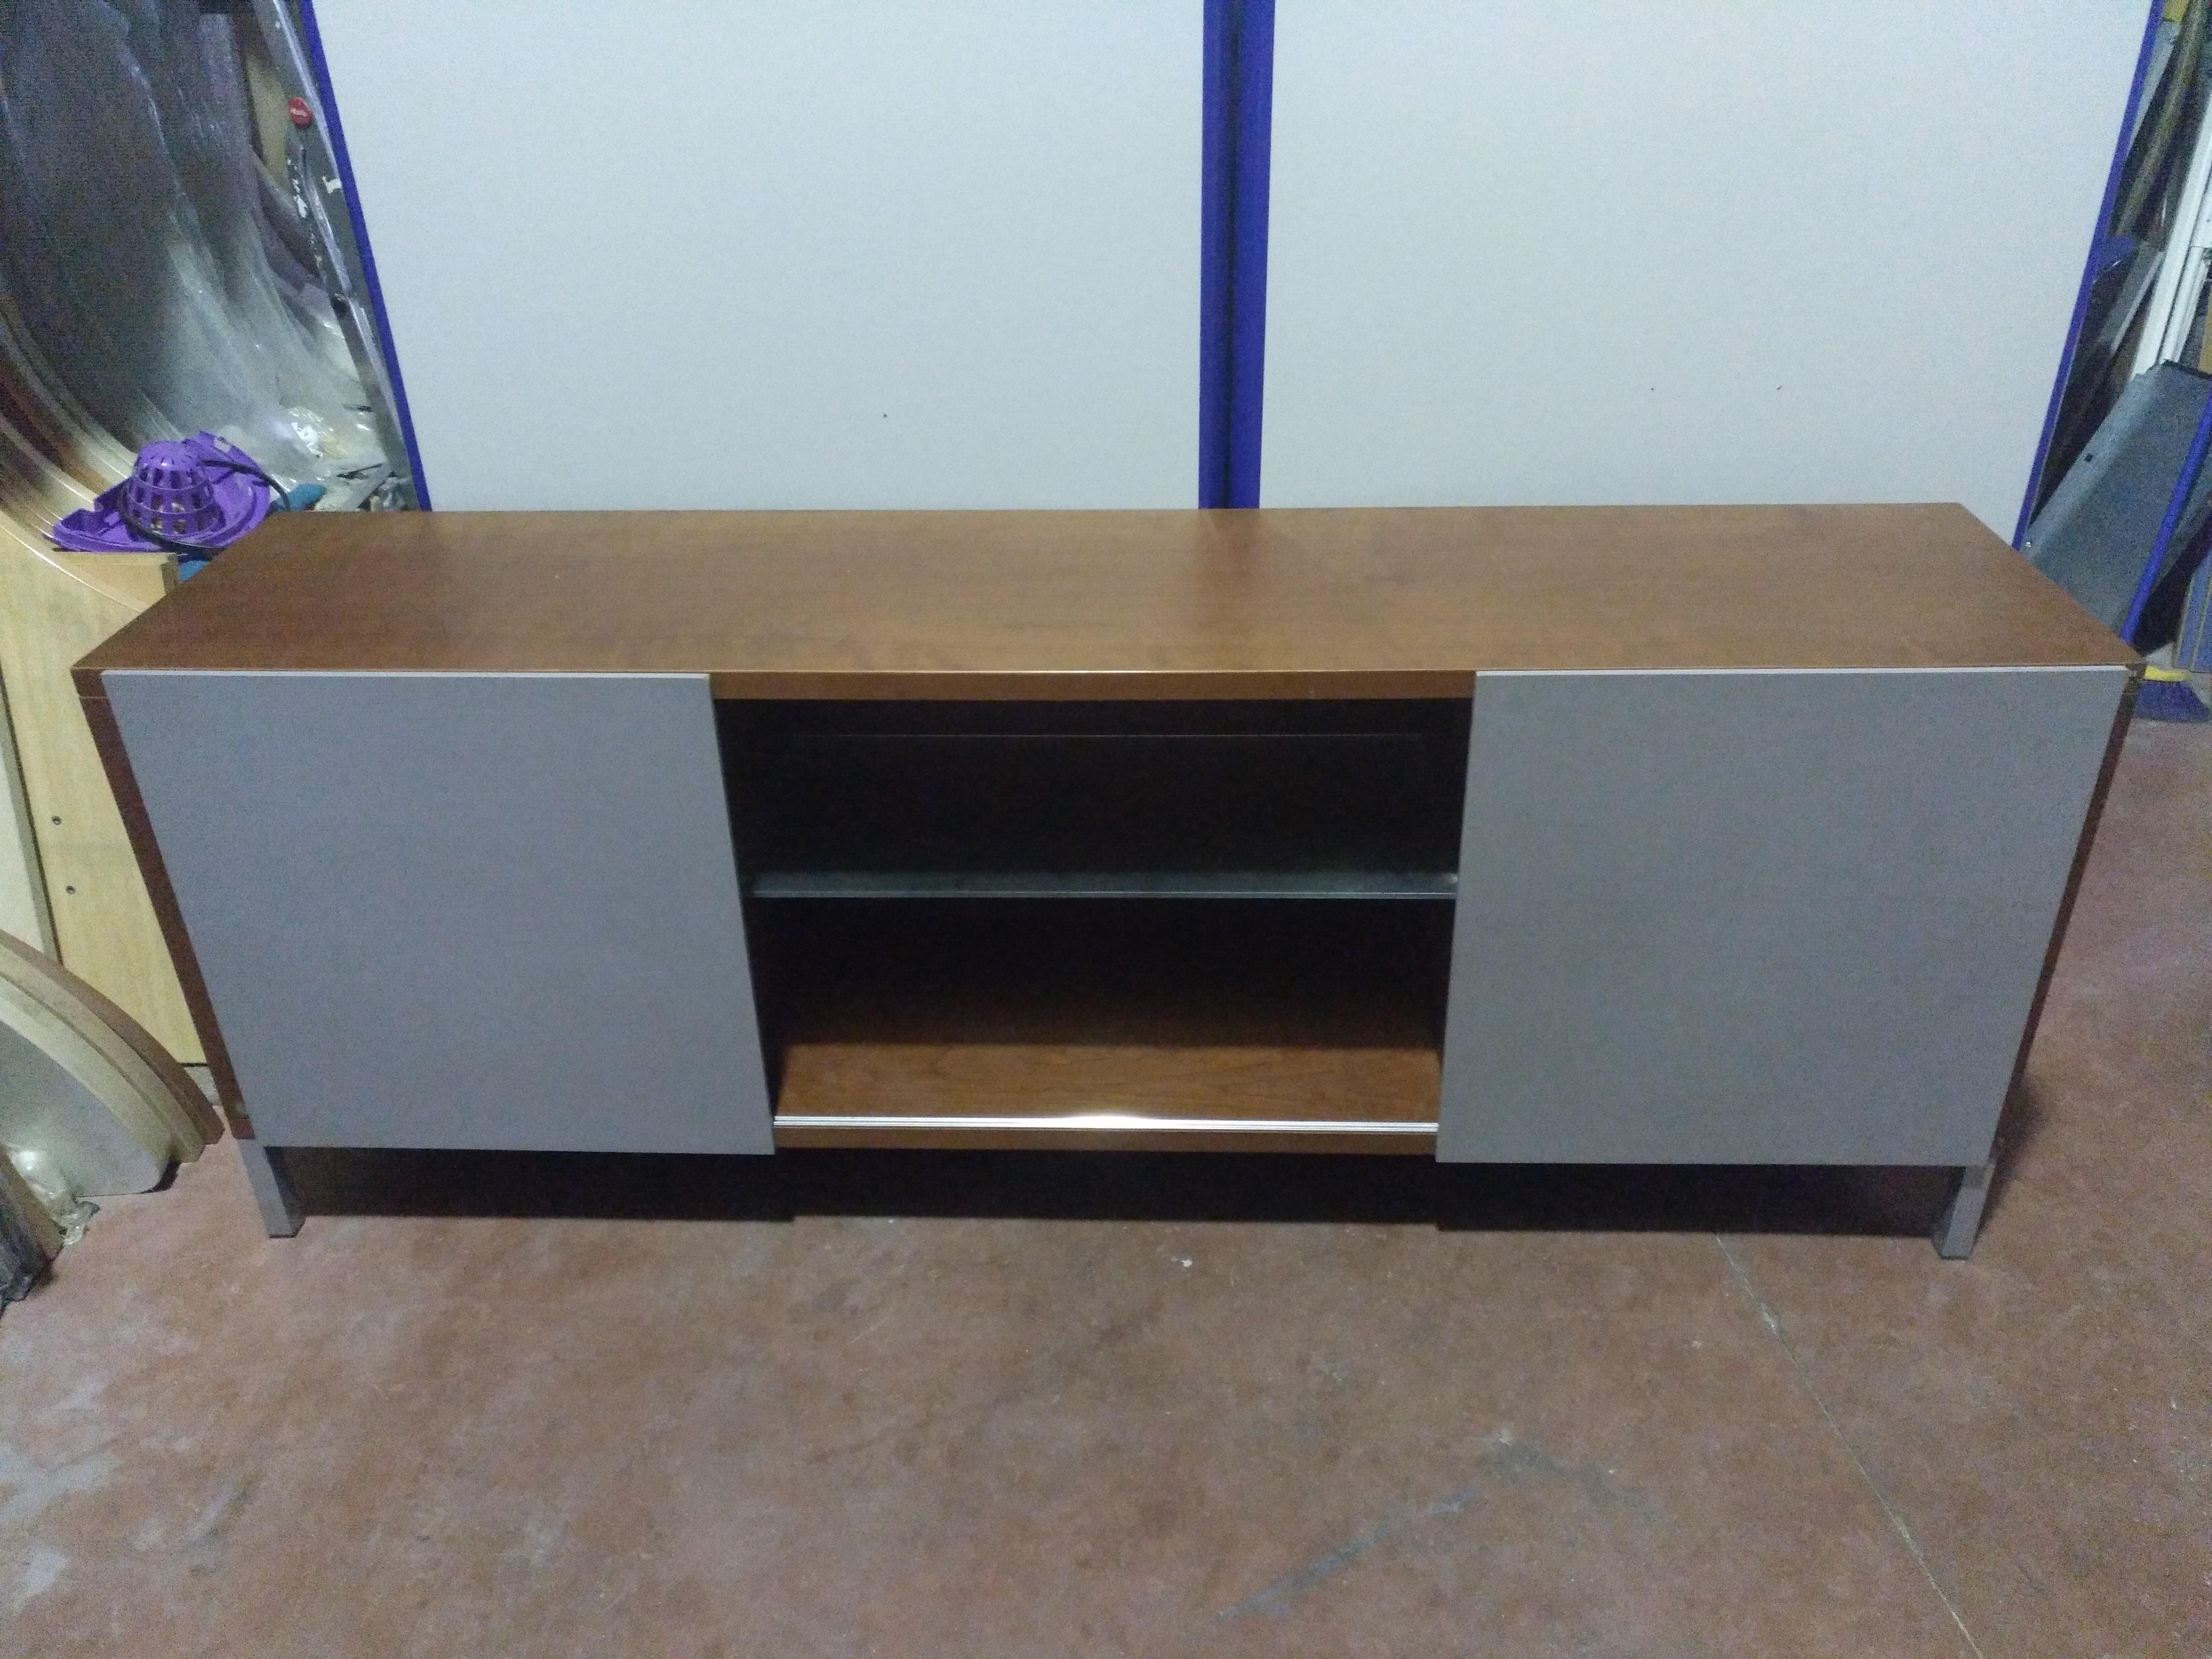 Credenza Con Puertas De Cristal : Armario credenza mobiliario de oficina nuevo y usado en madrid